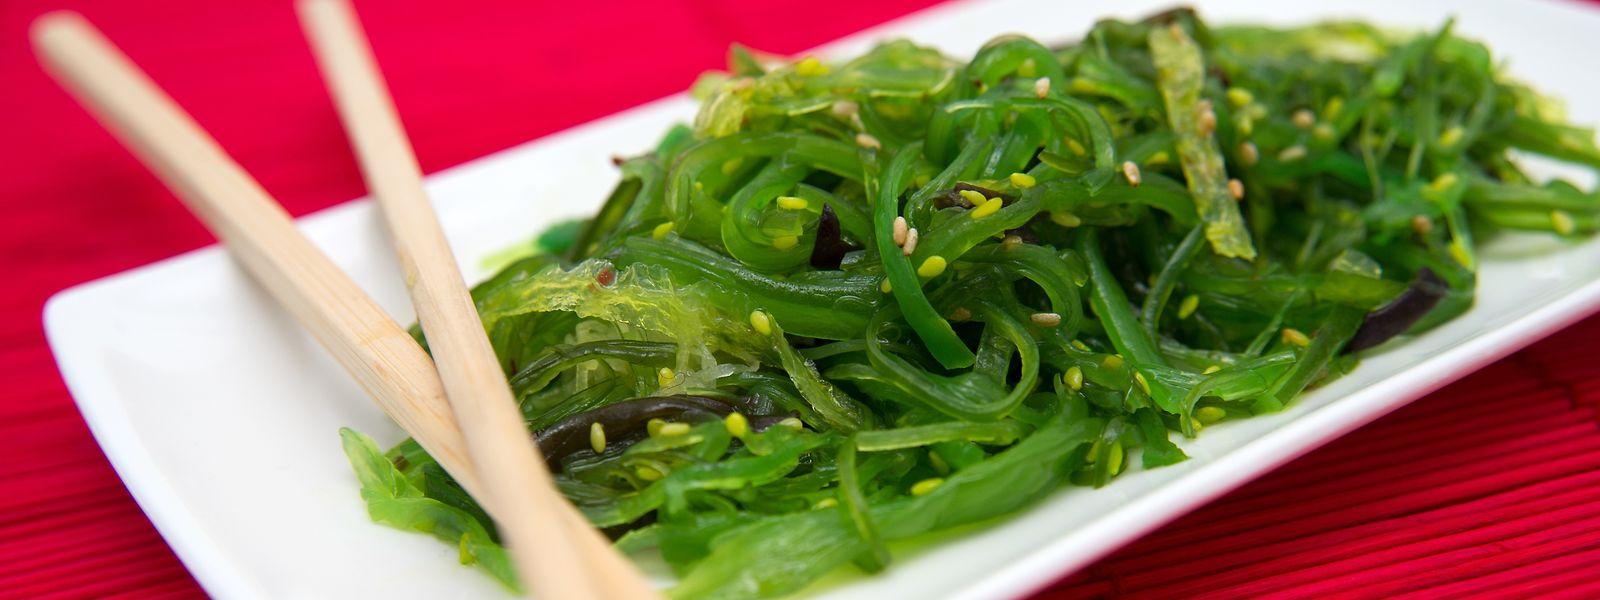 Wakame-Salat hat sich vor allem als Beilage zu Sushi in japanischen Restaurants auch hierzulande durchgesetzt.